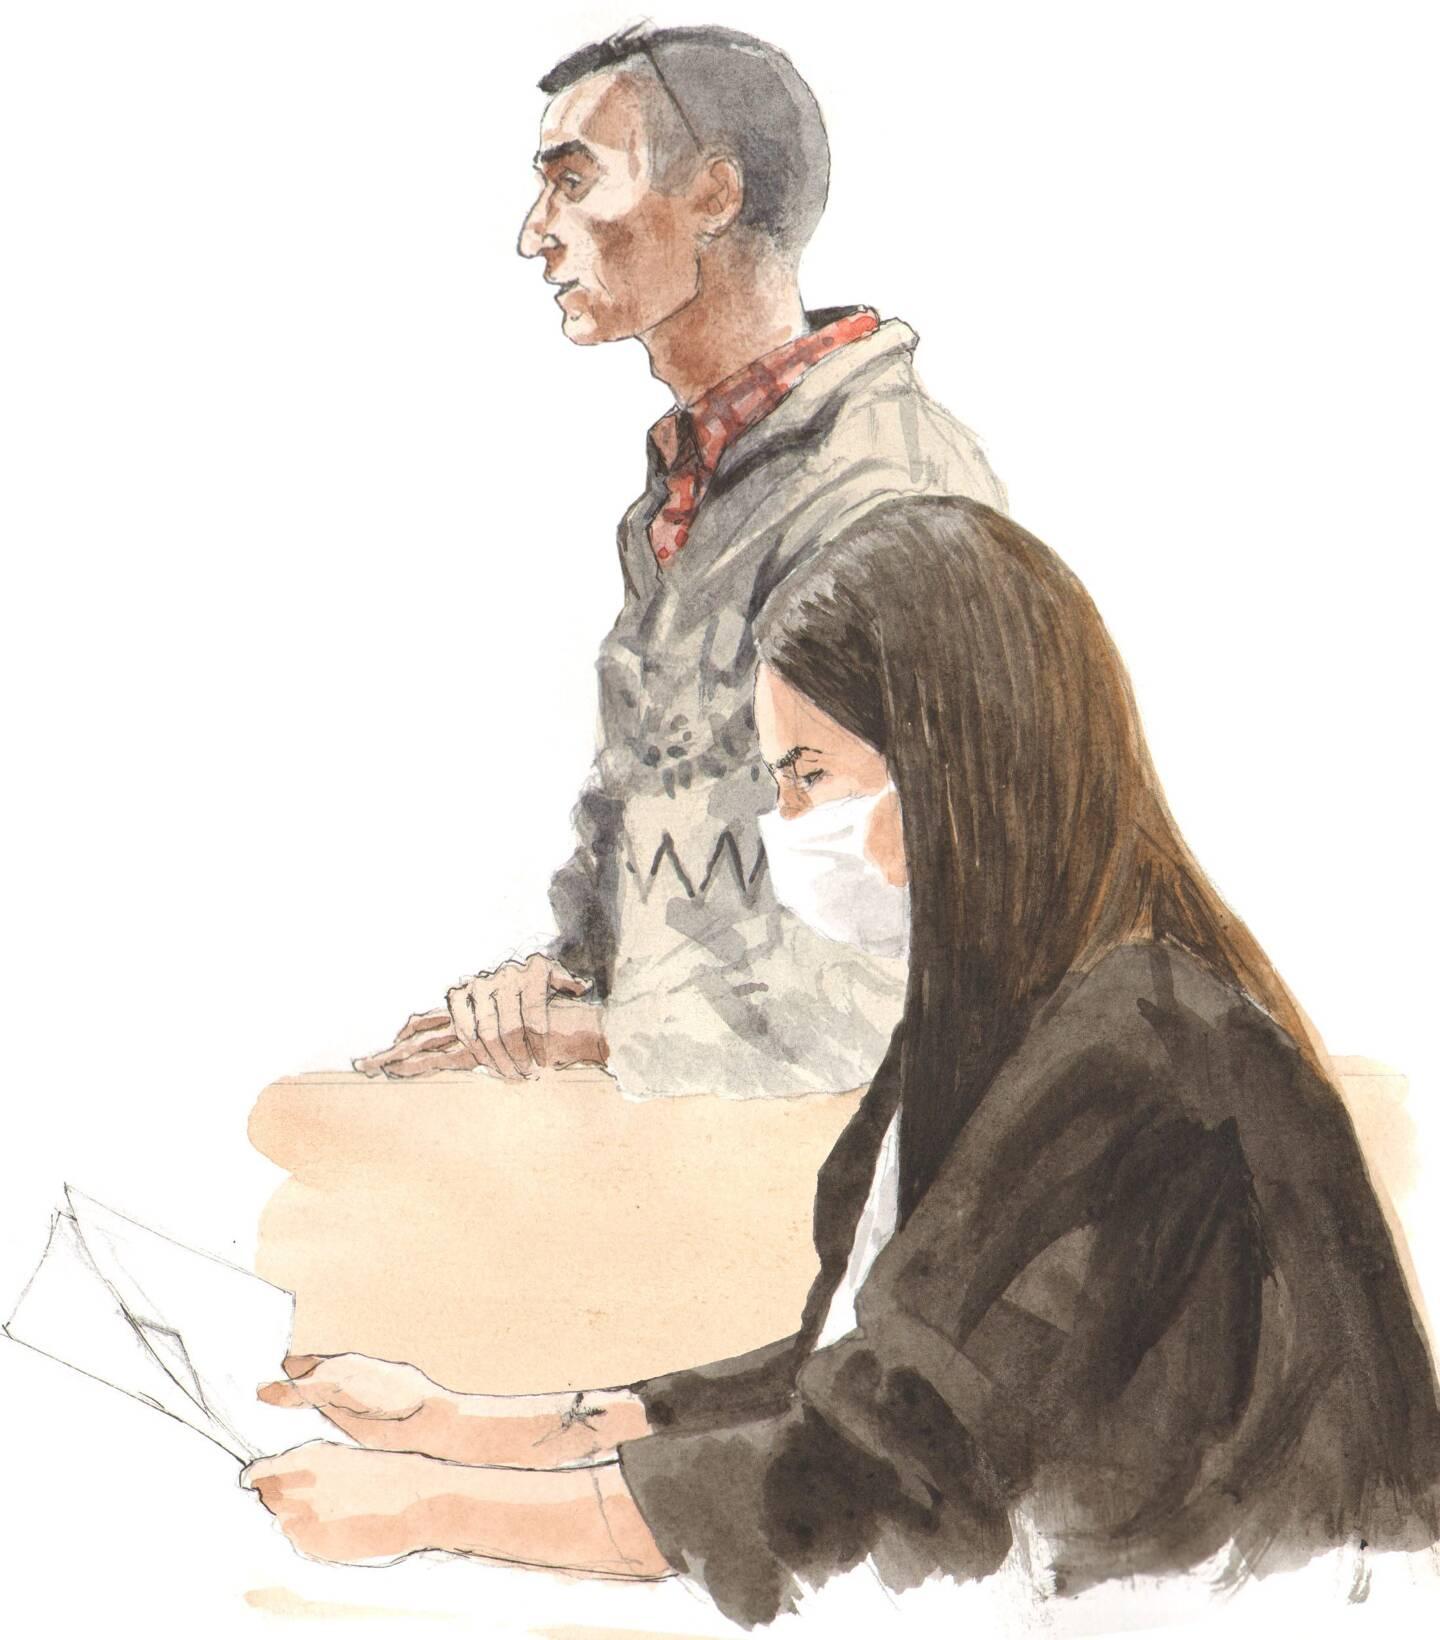 Outre sa condamnation à vingt-cinq ans de réclusion, Bruno Engler, défendu par Me Cécile Gondran, s'est vu retirer l'autorité parentale de ses enfants mineurs.